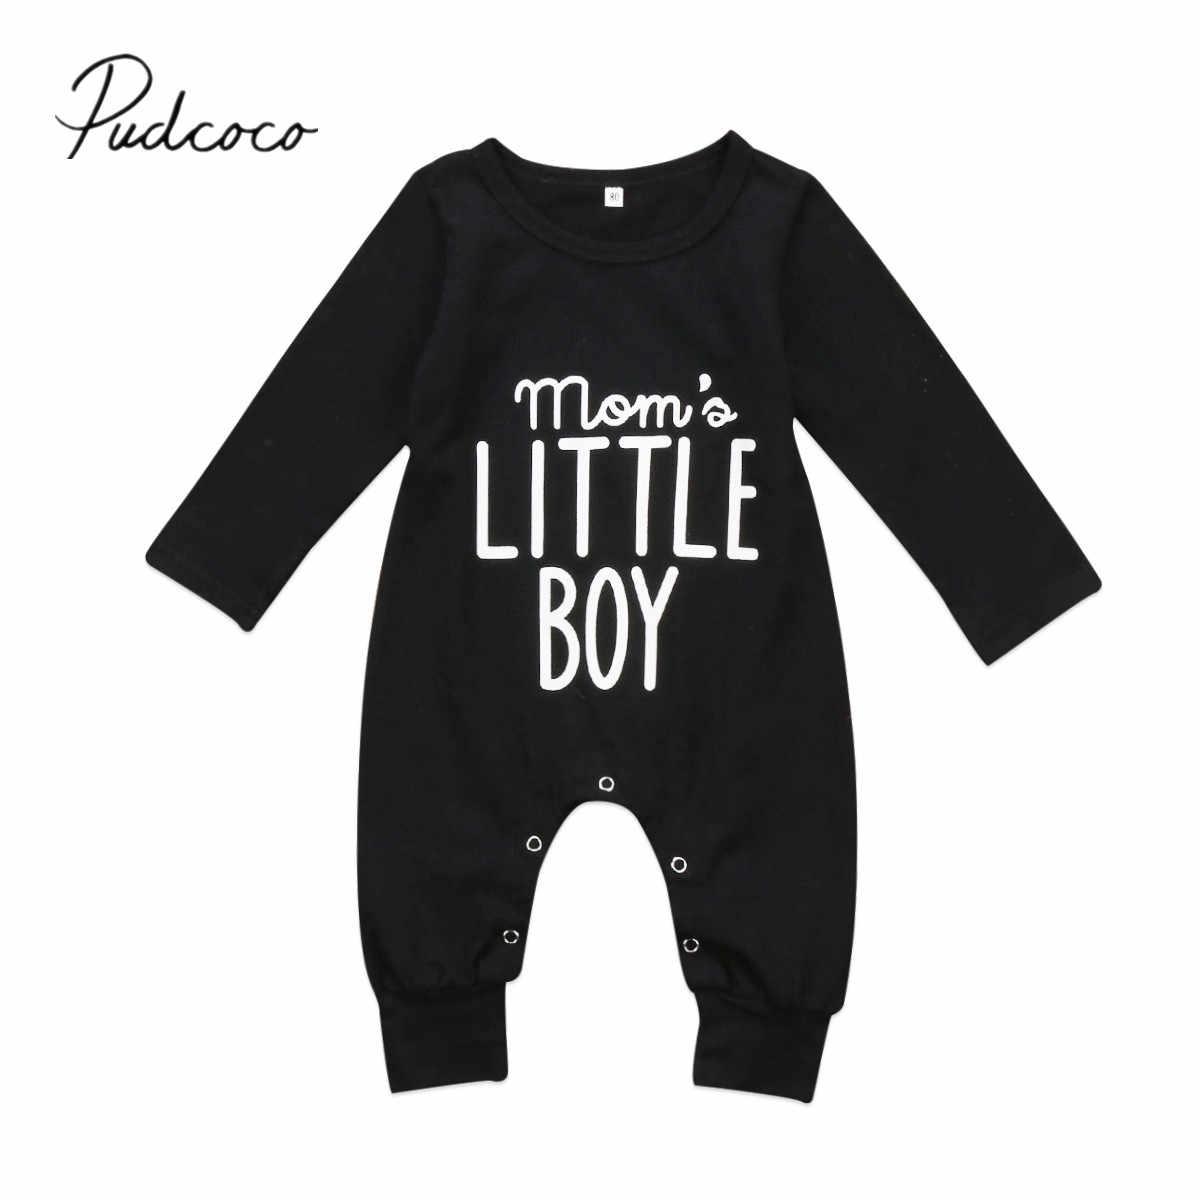 2019 新秋冬新生児男の子ロンパース長袖綿ファッションジャンプスーツ遊び着リトル少年衣装黒服